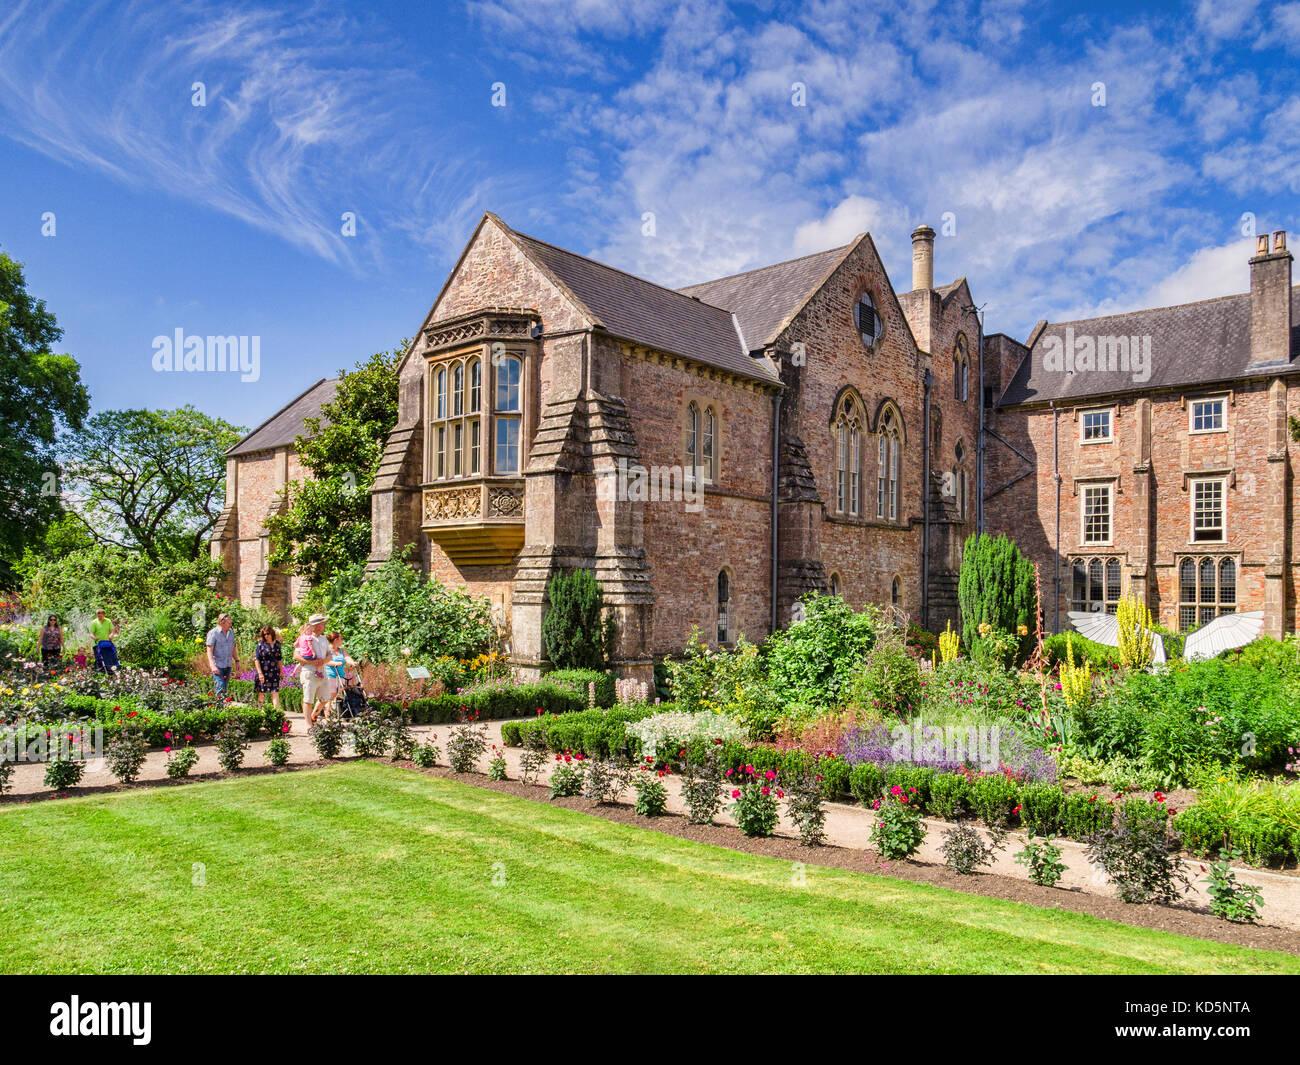 9 juillet 2017: Wells, Somerset, England, UK - palais des évêques et des jardins en été. Banque D'Images